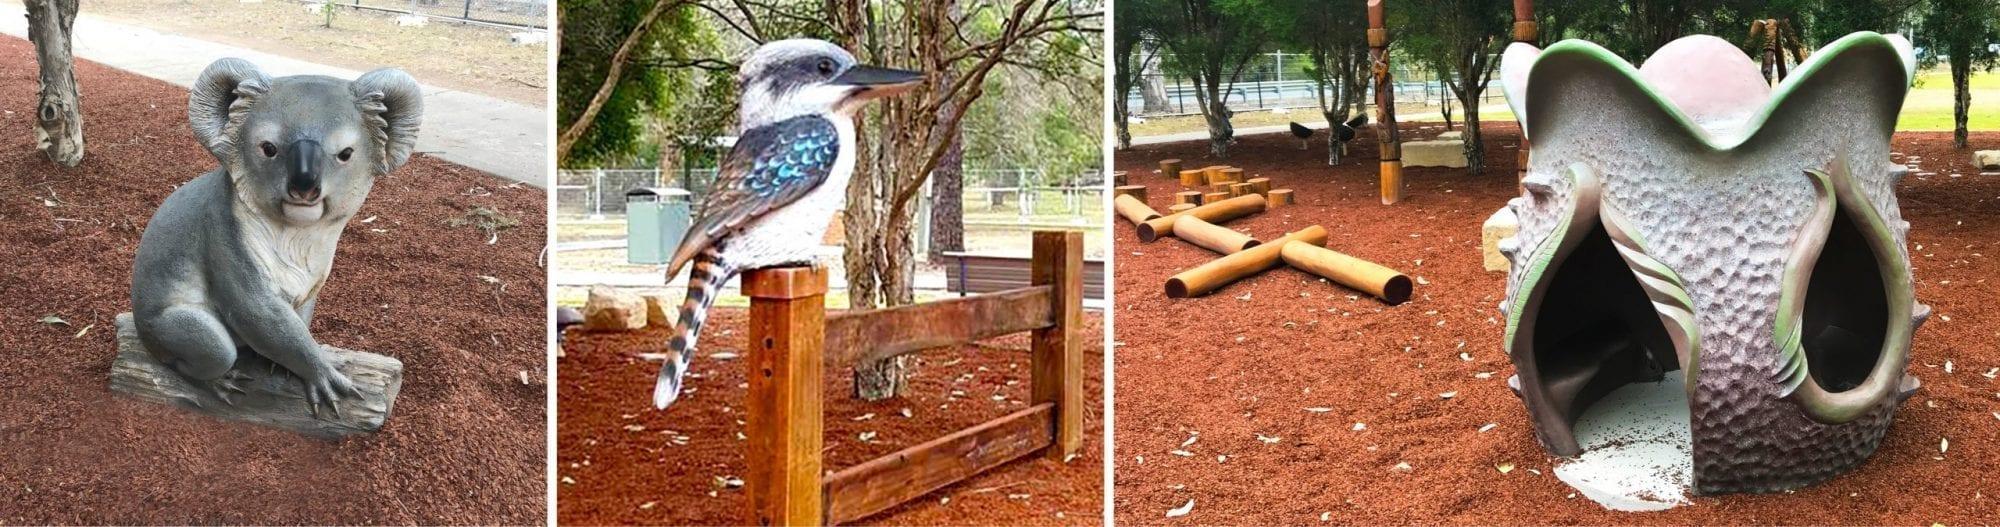 Animal sculptures at Jimboomba Park